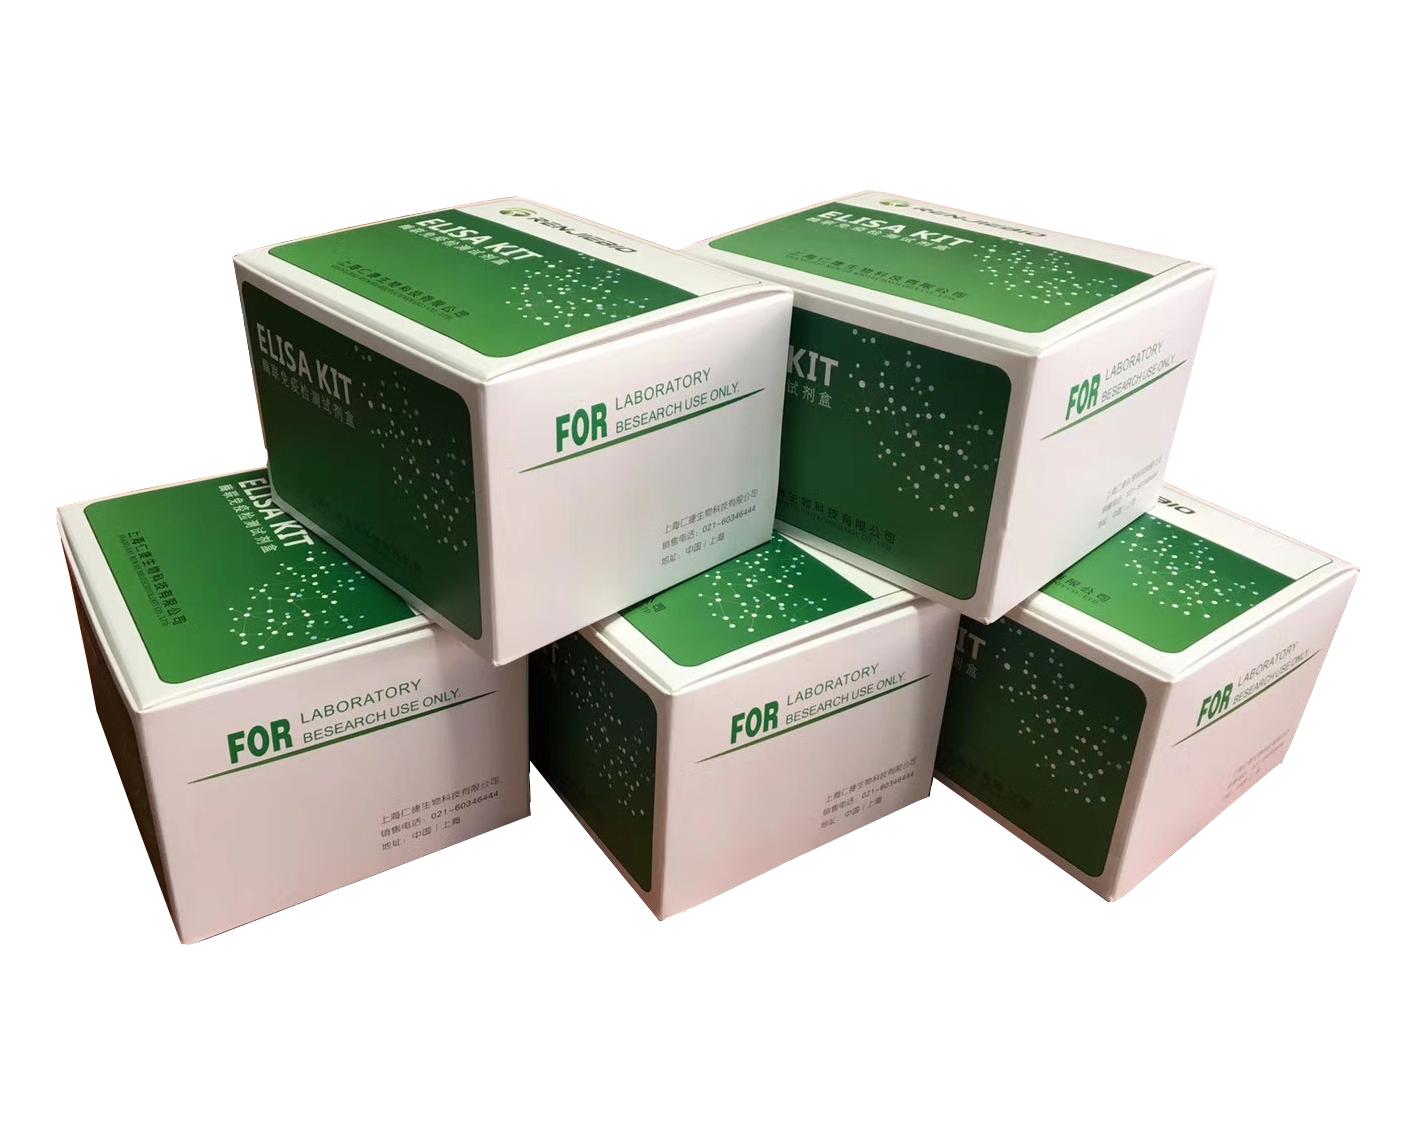 PⅢNP,小鼠Ⅲ型前胶原氨基端肽ELISA试剂盒